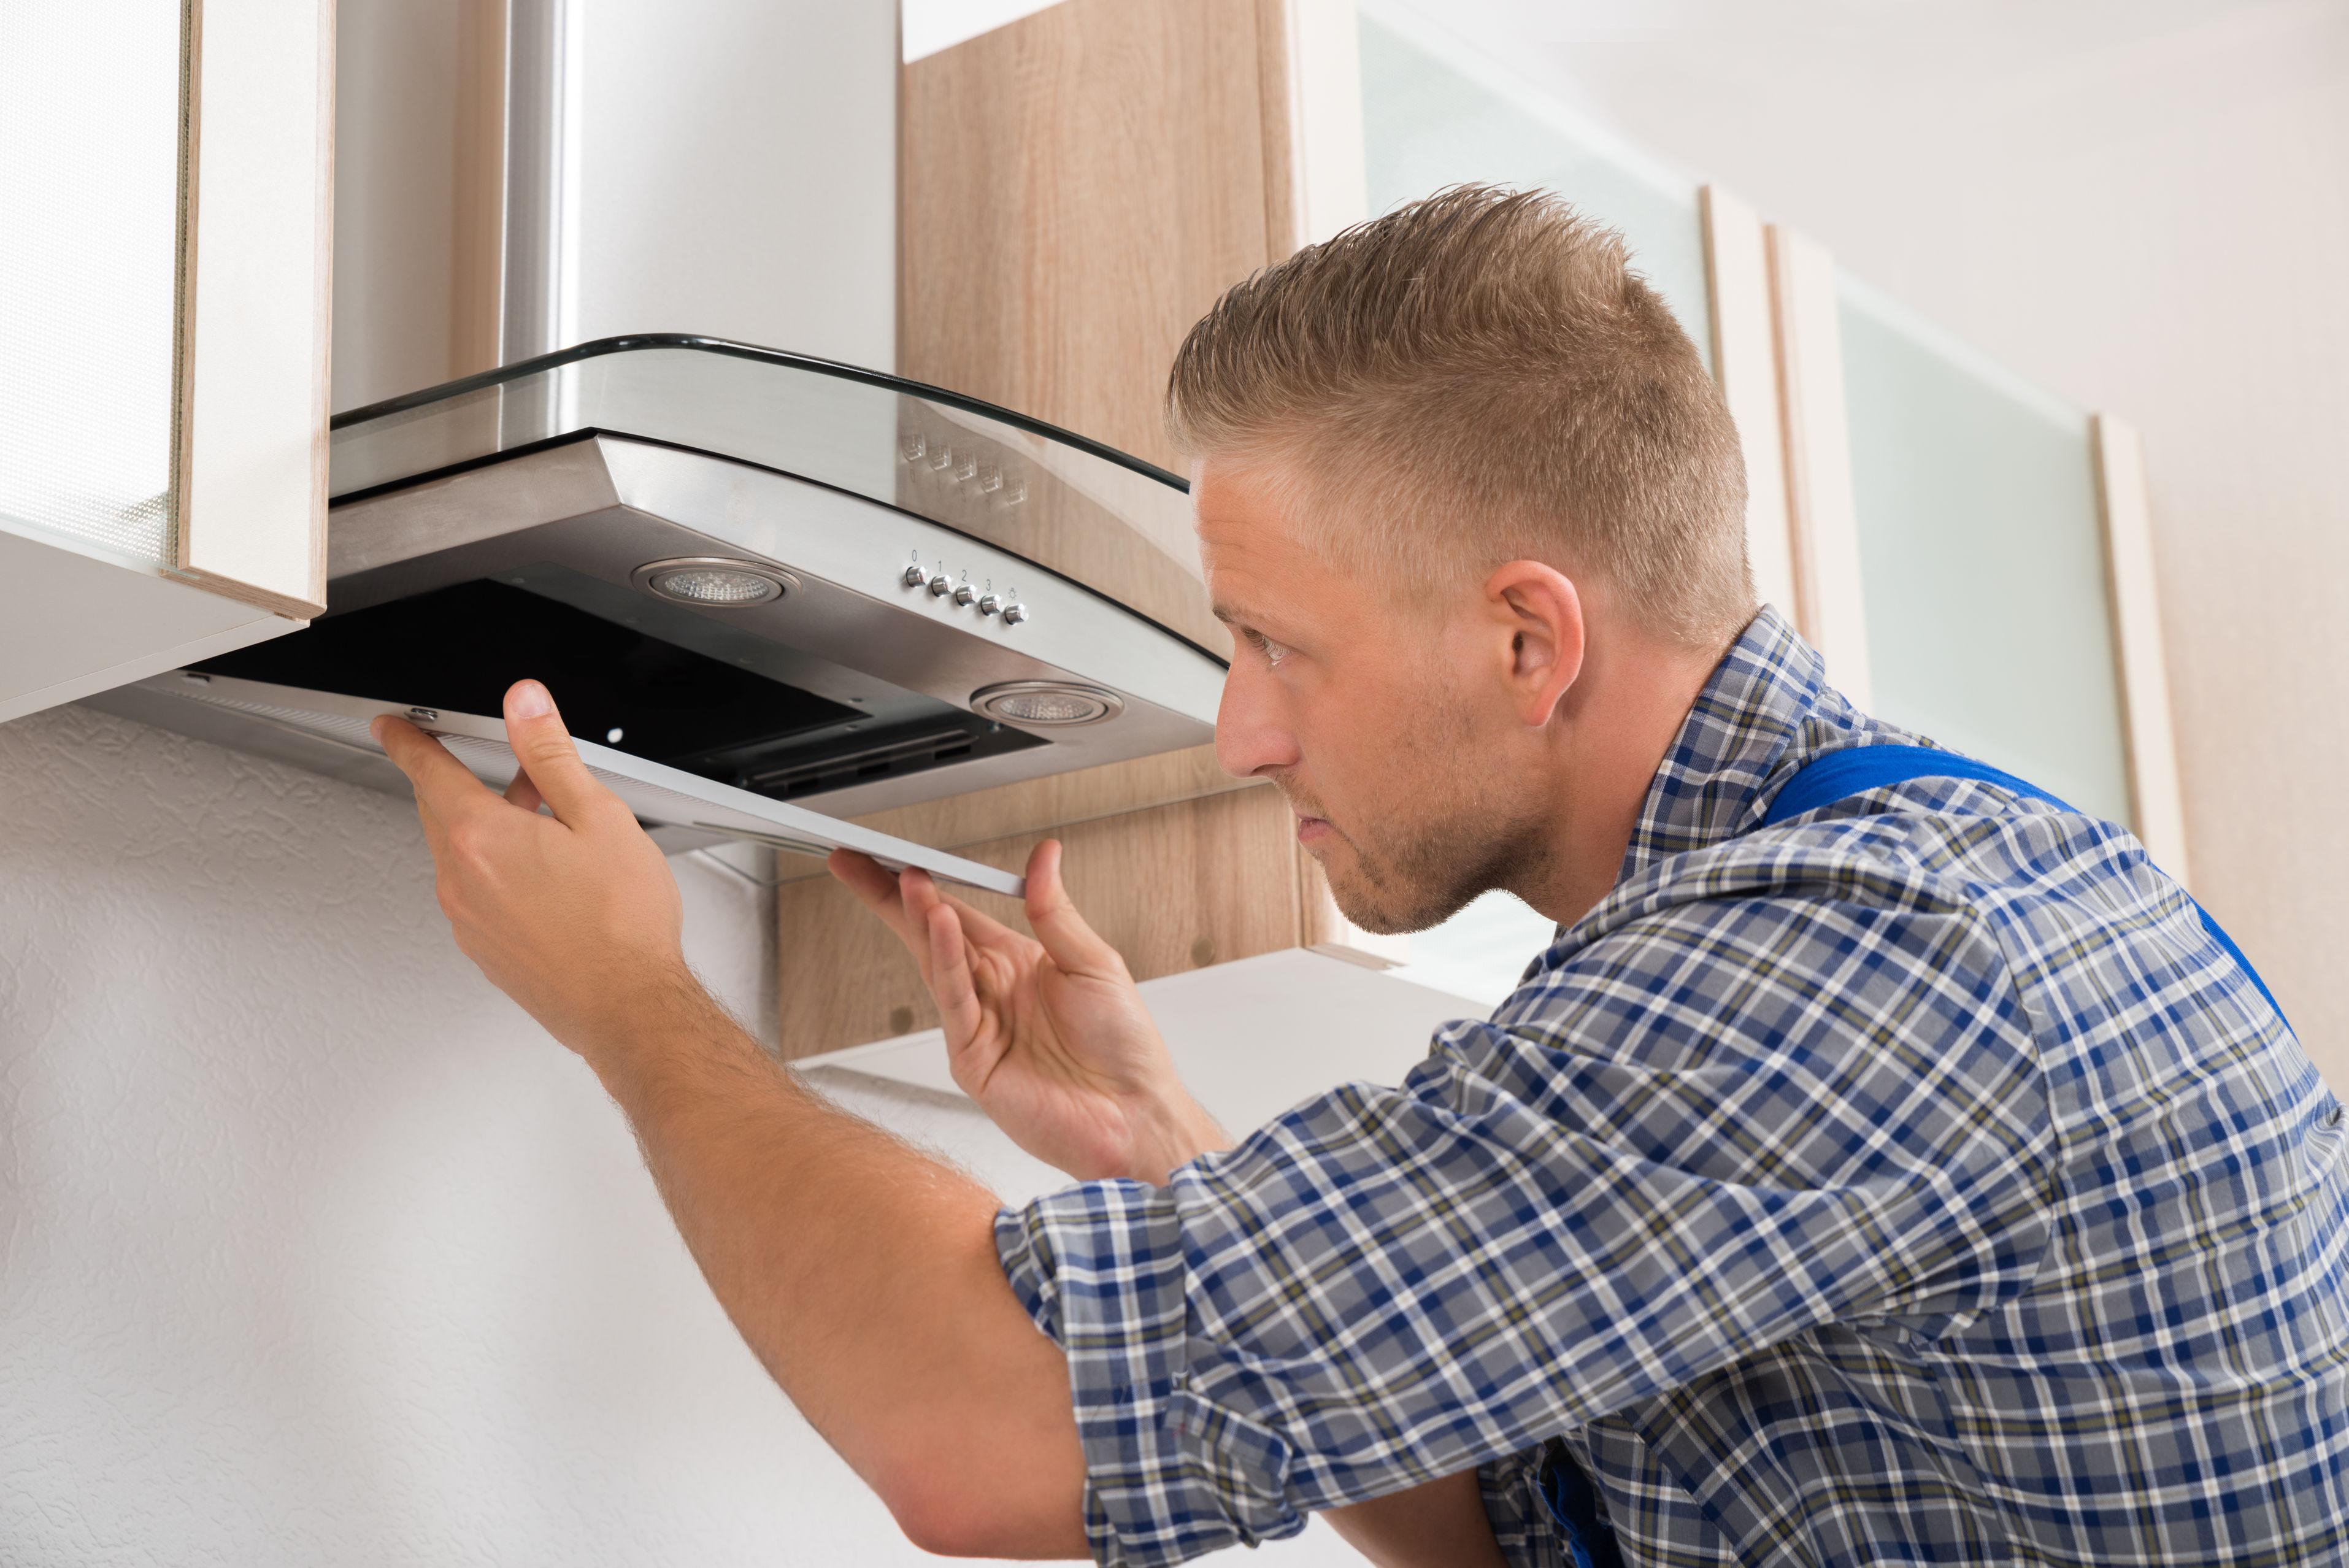 44339942 – young repairman repairing kitchen extractor filter in kitchen room